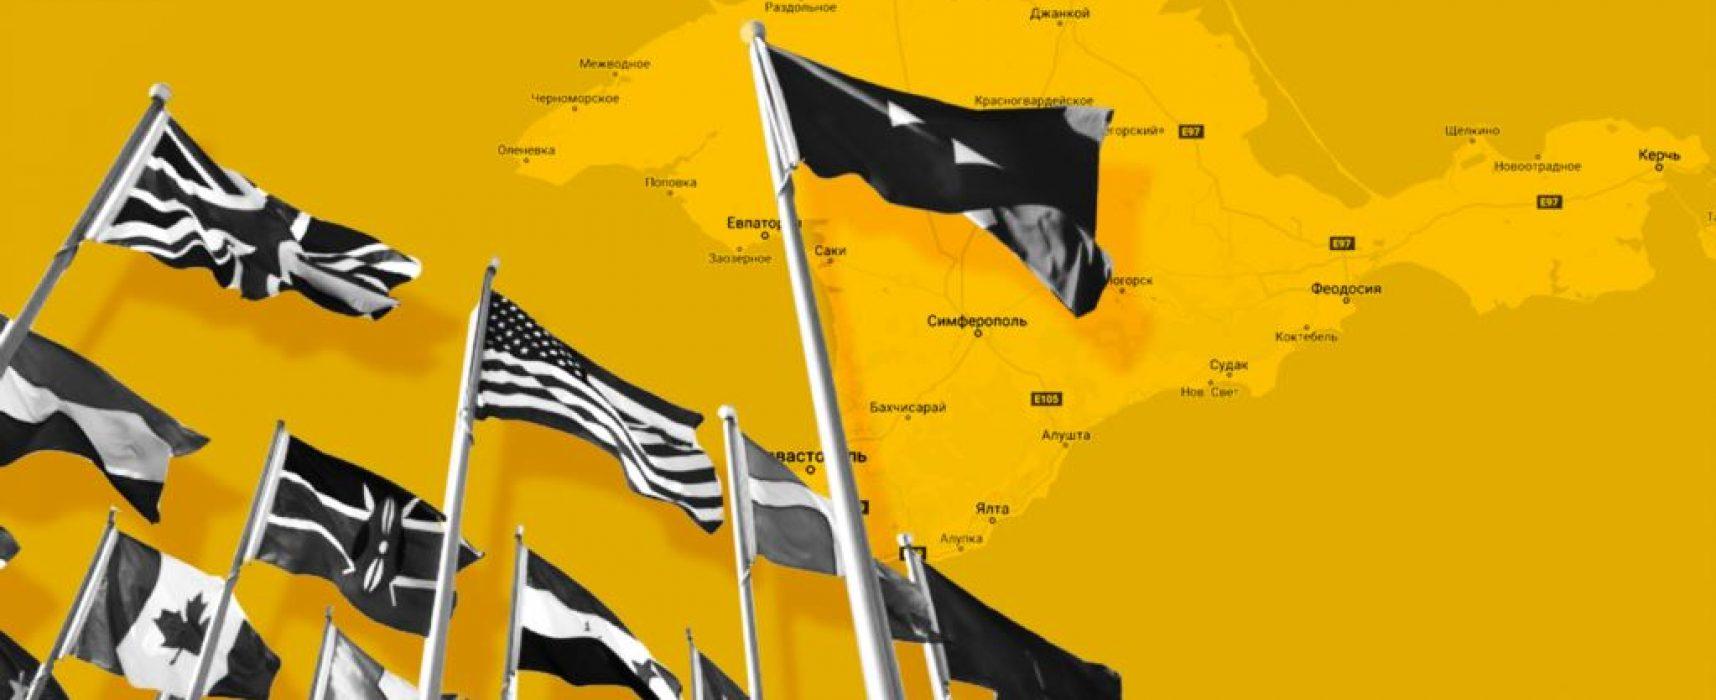 Візовий скандал і «тест на демократію»: в Норвегії готують конференцію щодо Криму